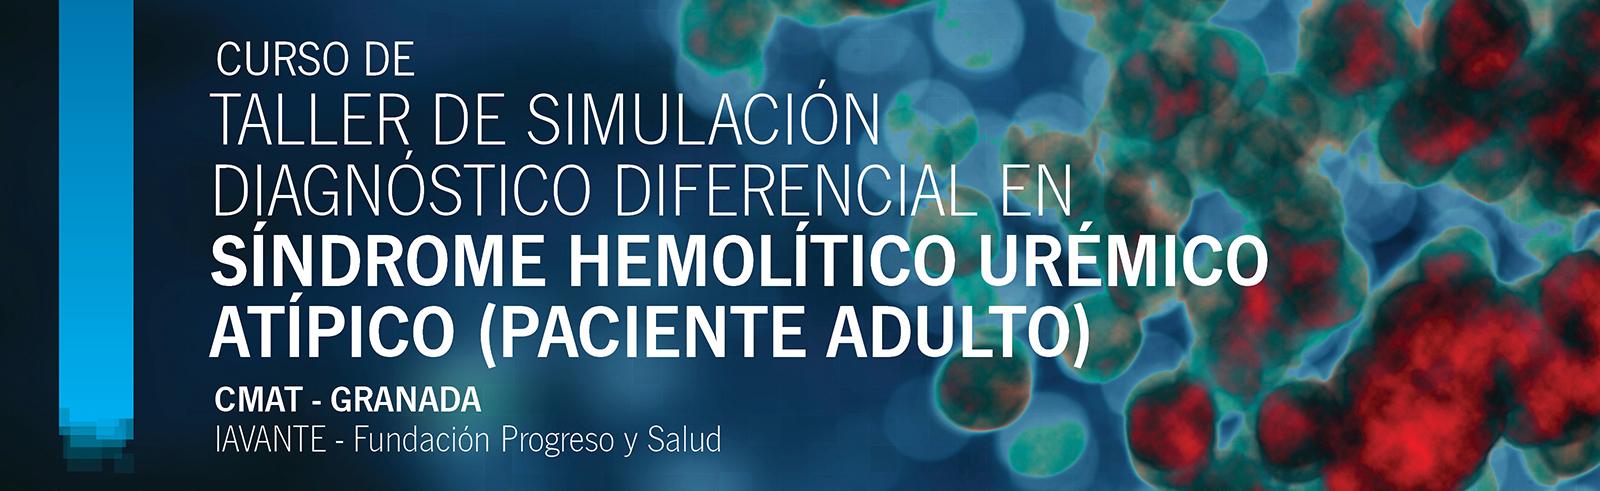 TALLER DE SIMULACIÓN DIAGNOSTICO DIFERENCIAL EN SÍNDROME HEMOLÍTICO URÉMICO ATÍPICO (PACIENTE ADULTO)